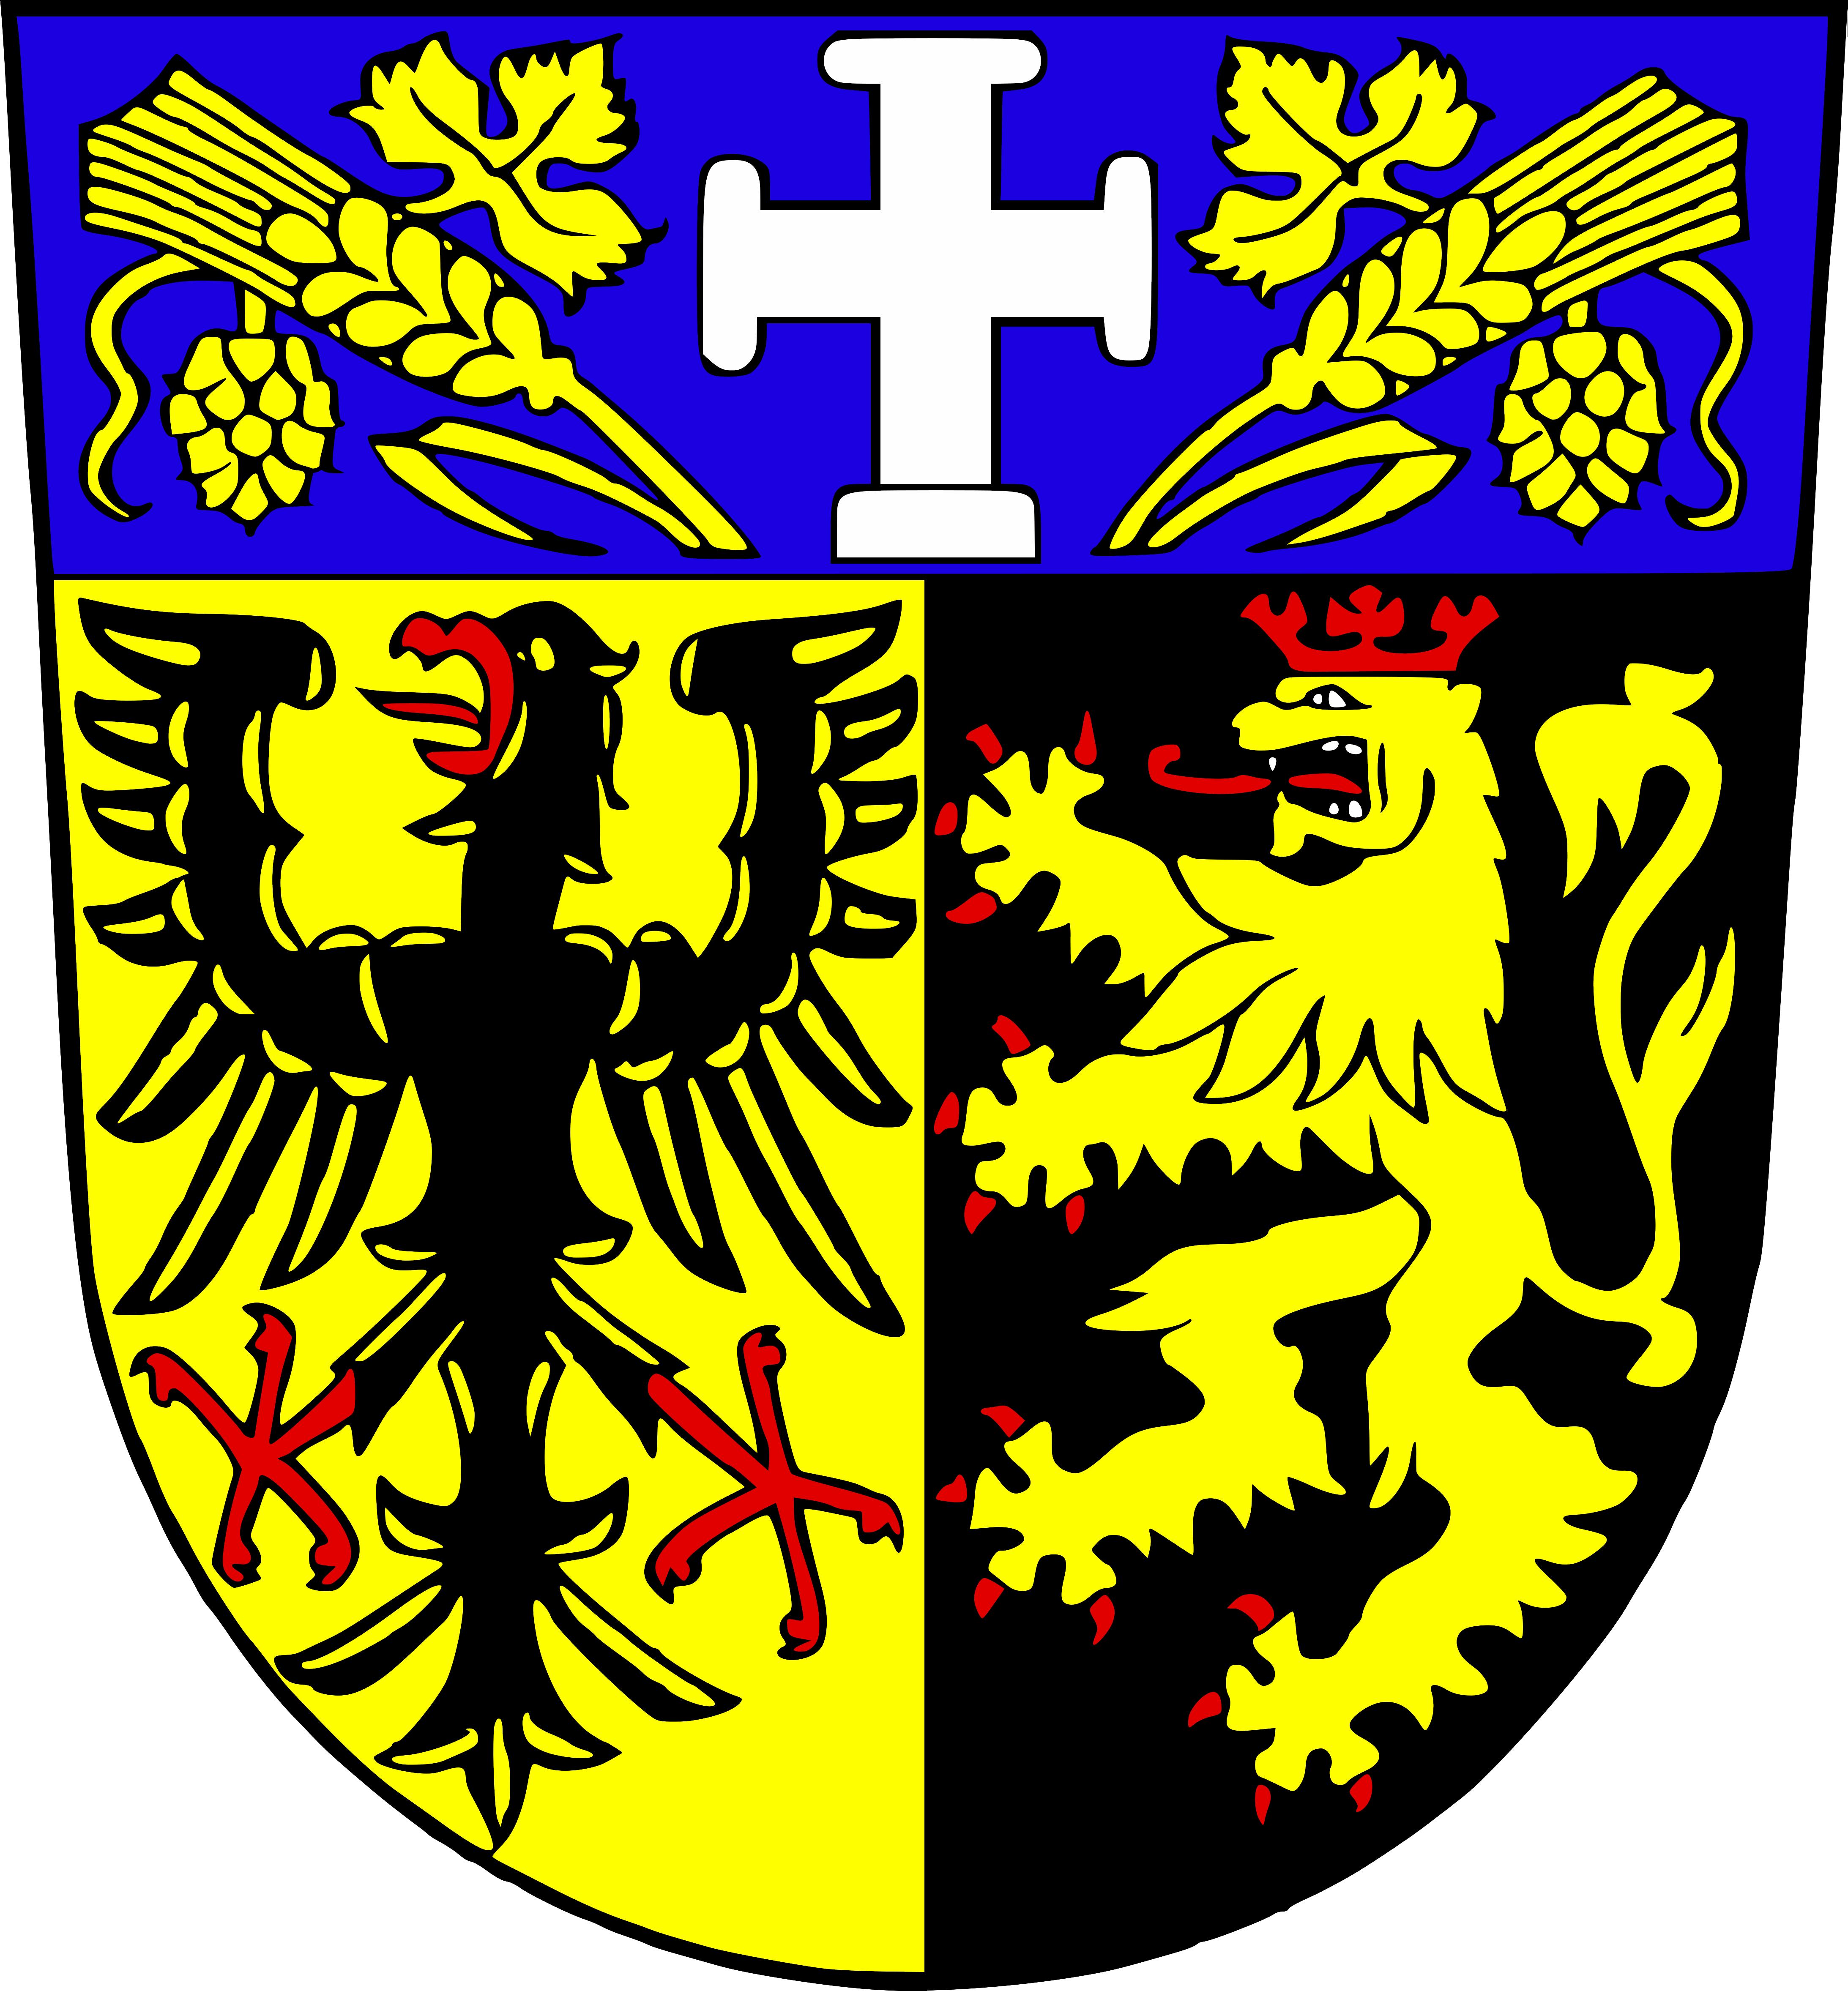 Wappen für den Ortsteil Herzlich Willkommen in Walsheim! - Gersheim